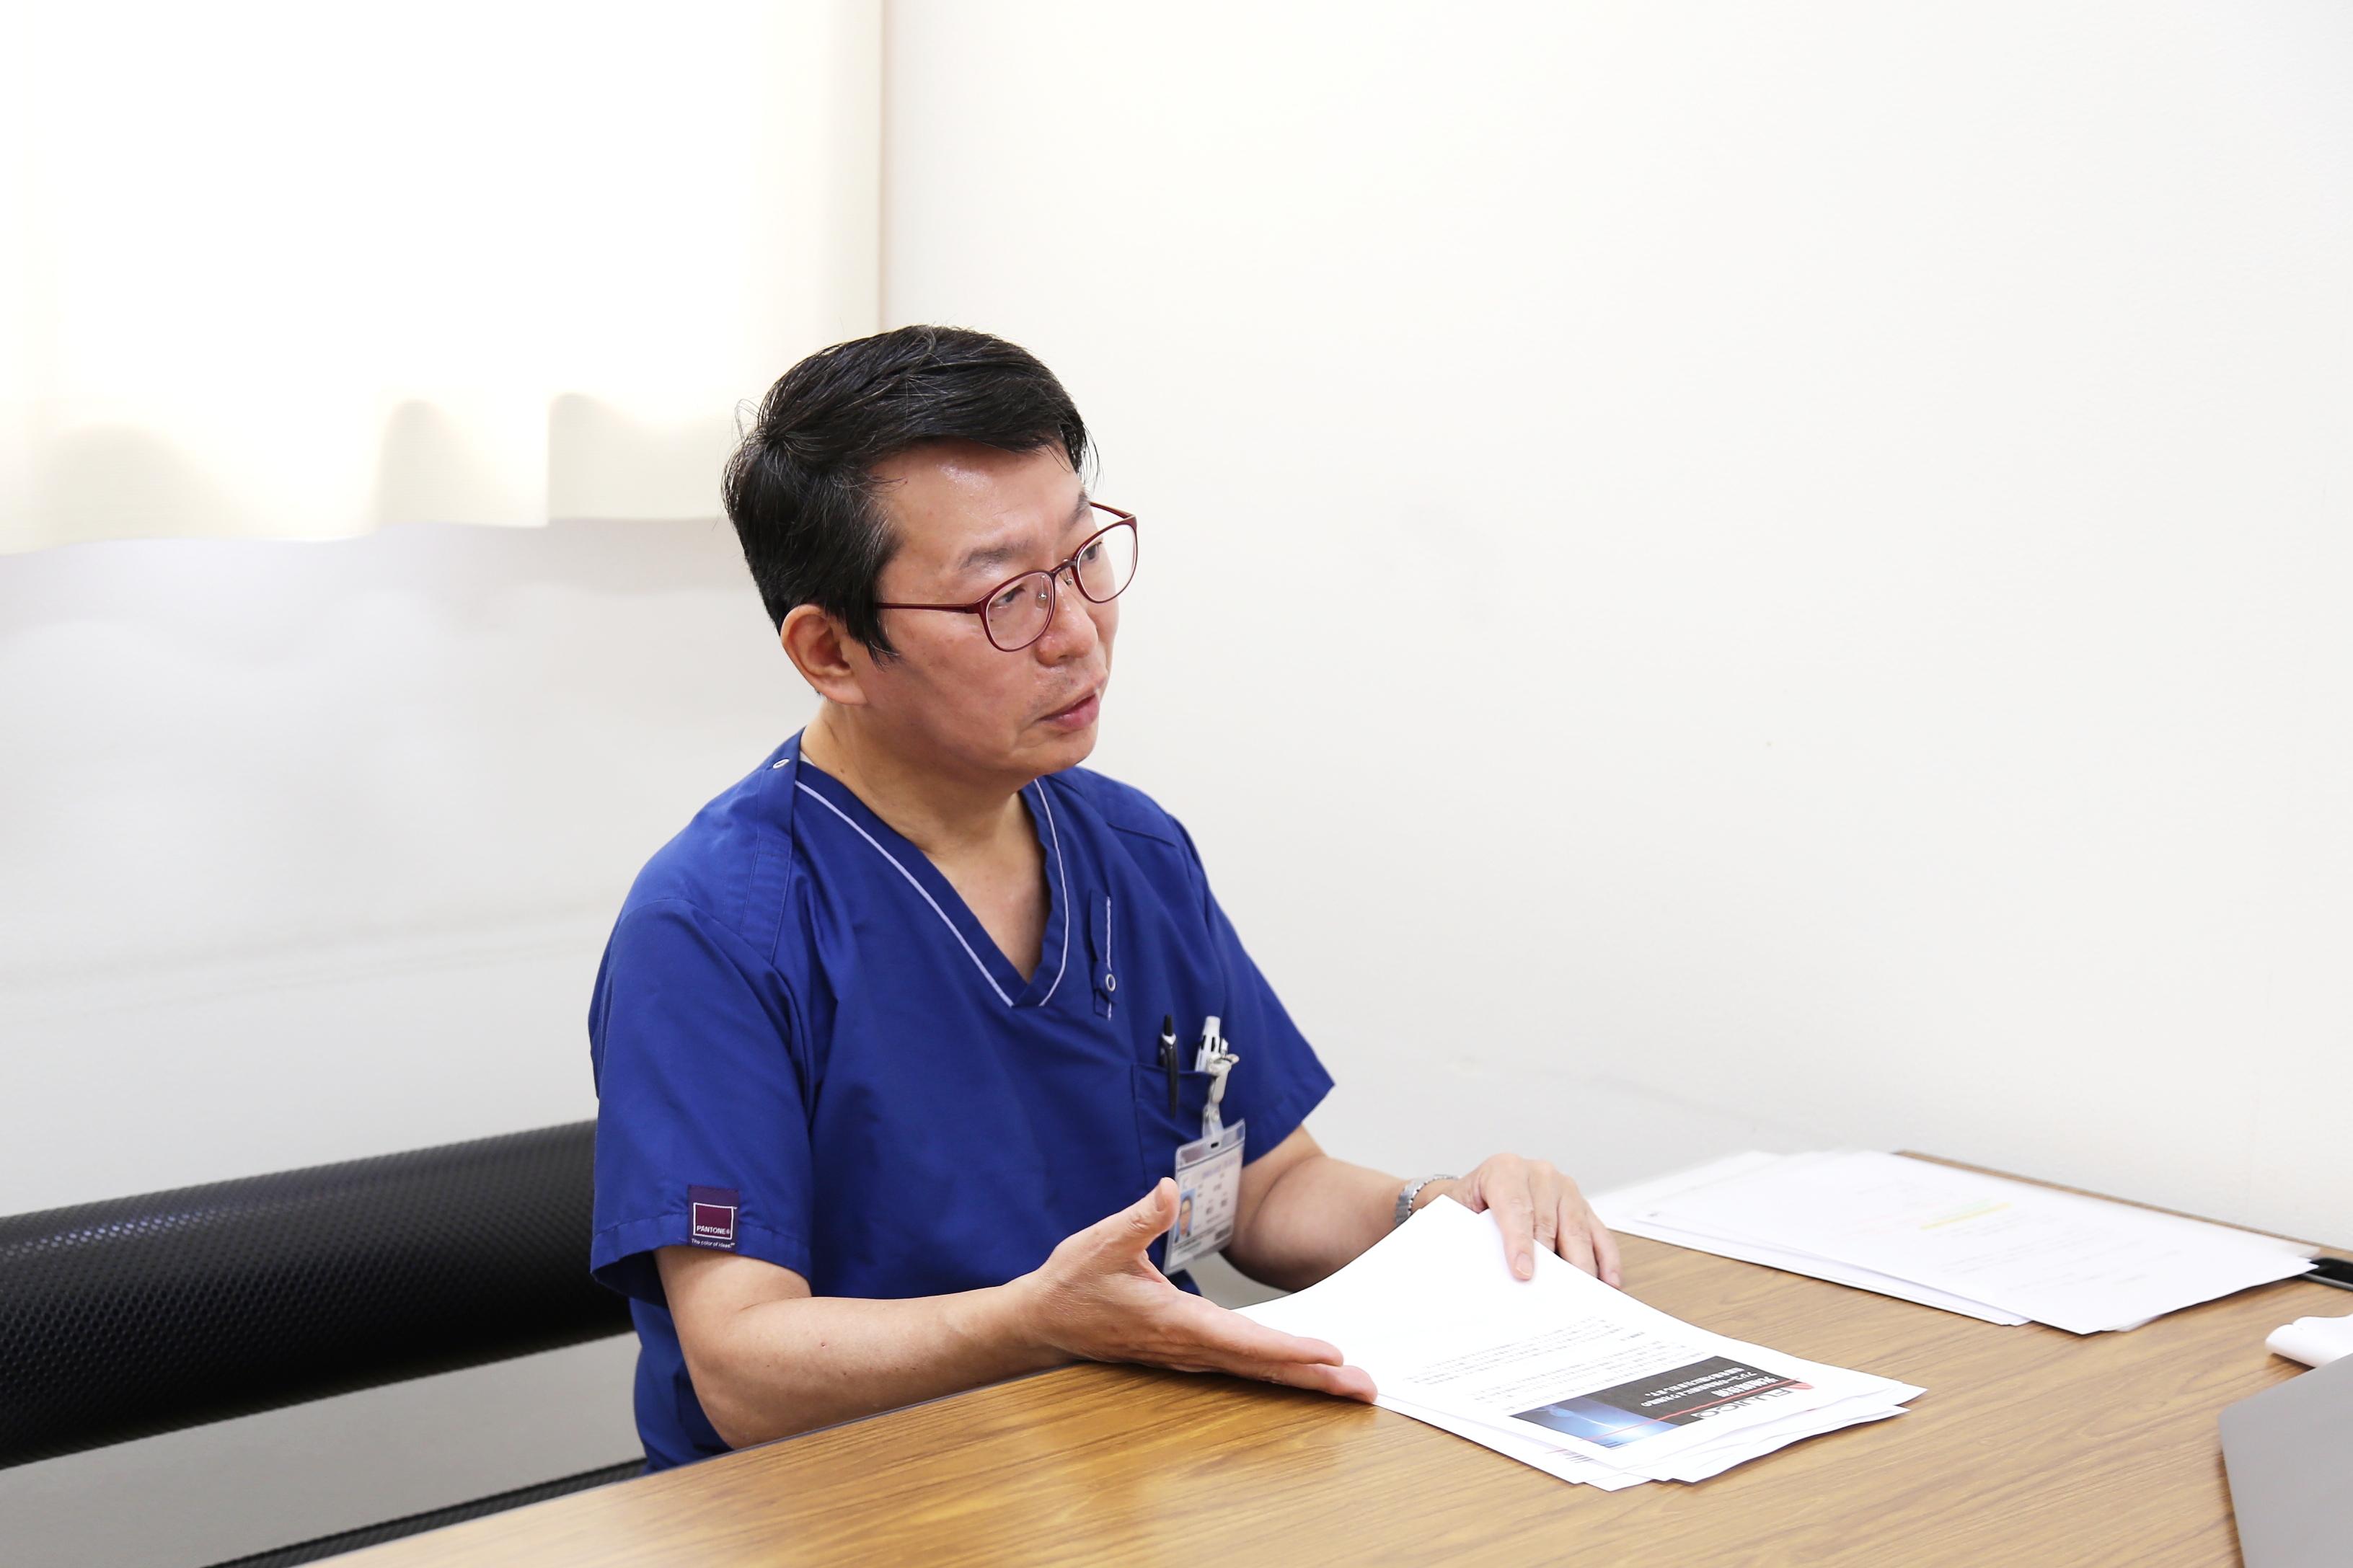 東京都大田区における新型コロナウイルス感染拡大の影響